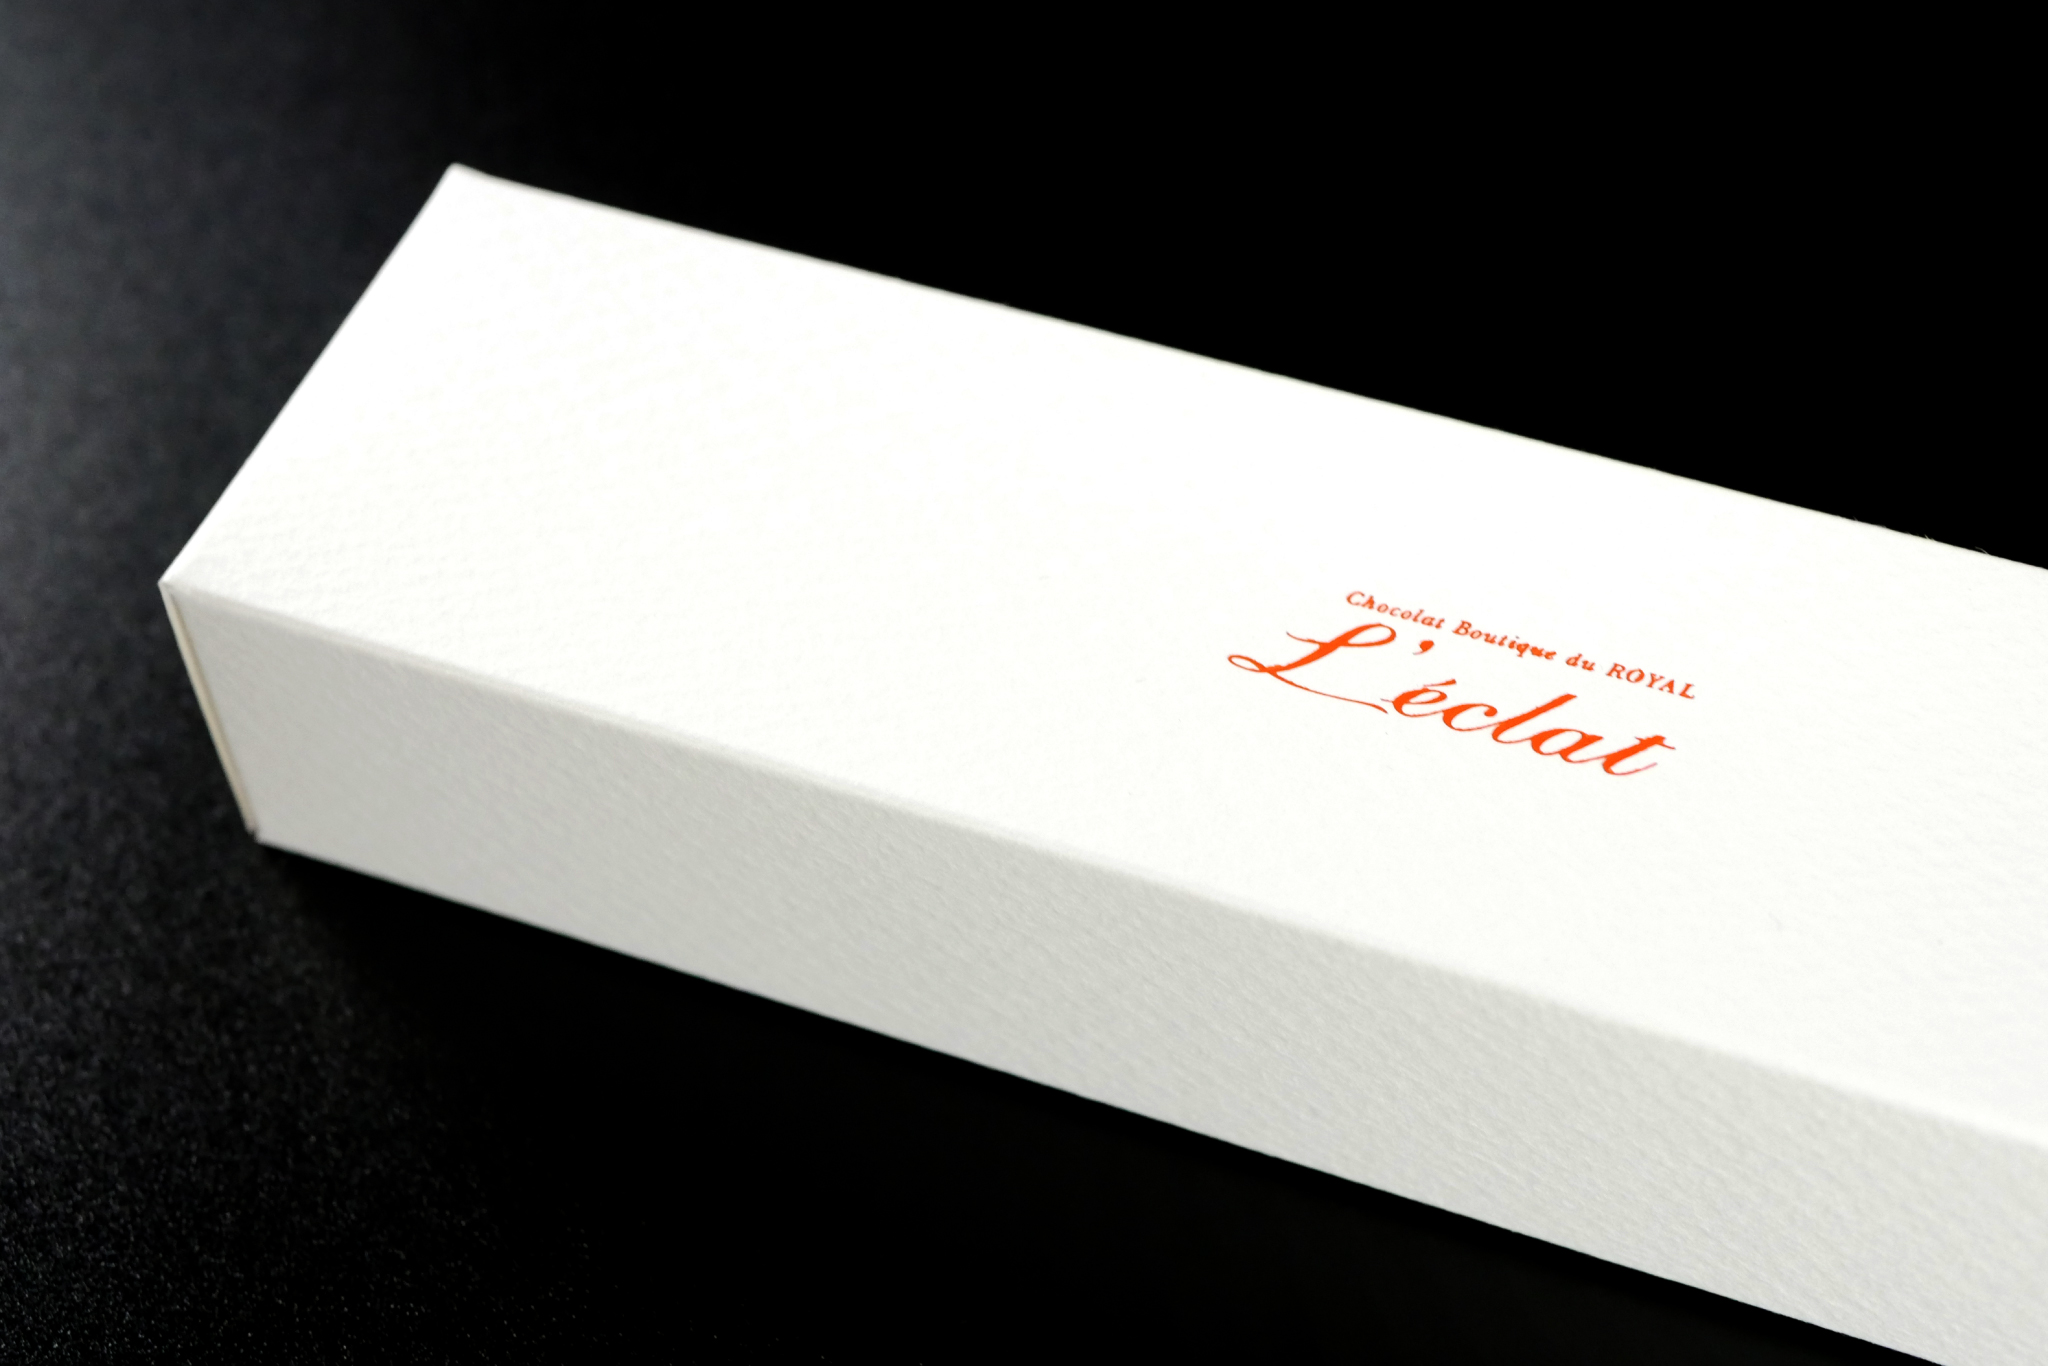 オリジナルパッケージ|チョコレート|お菓子|スリーブ